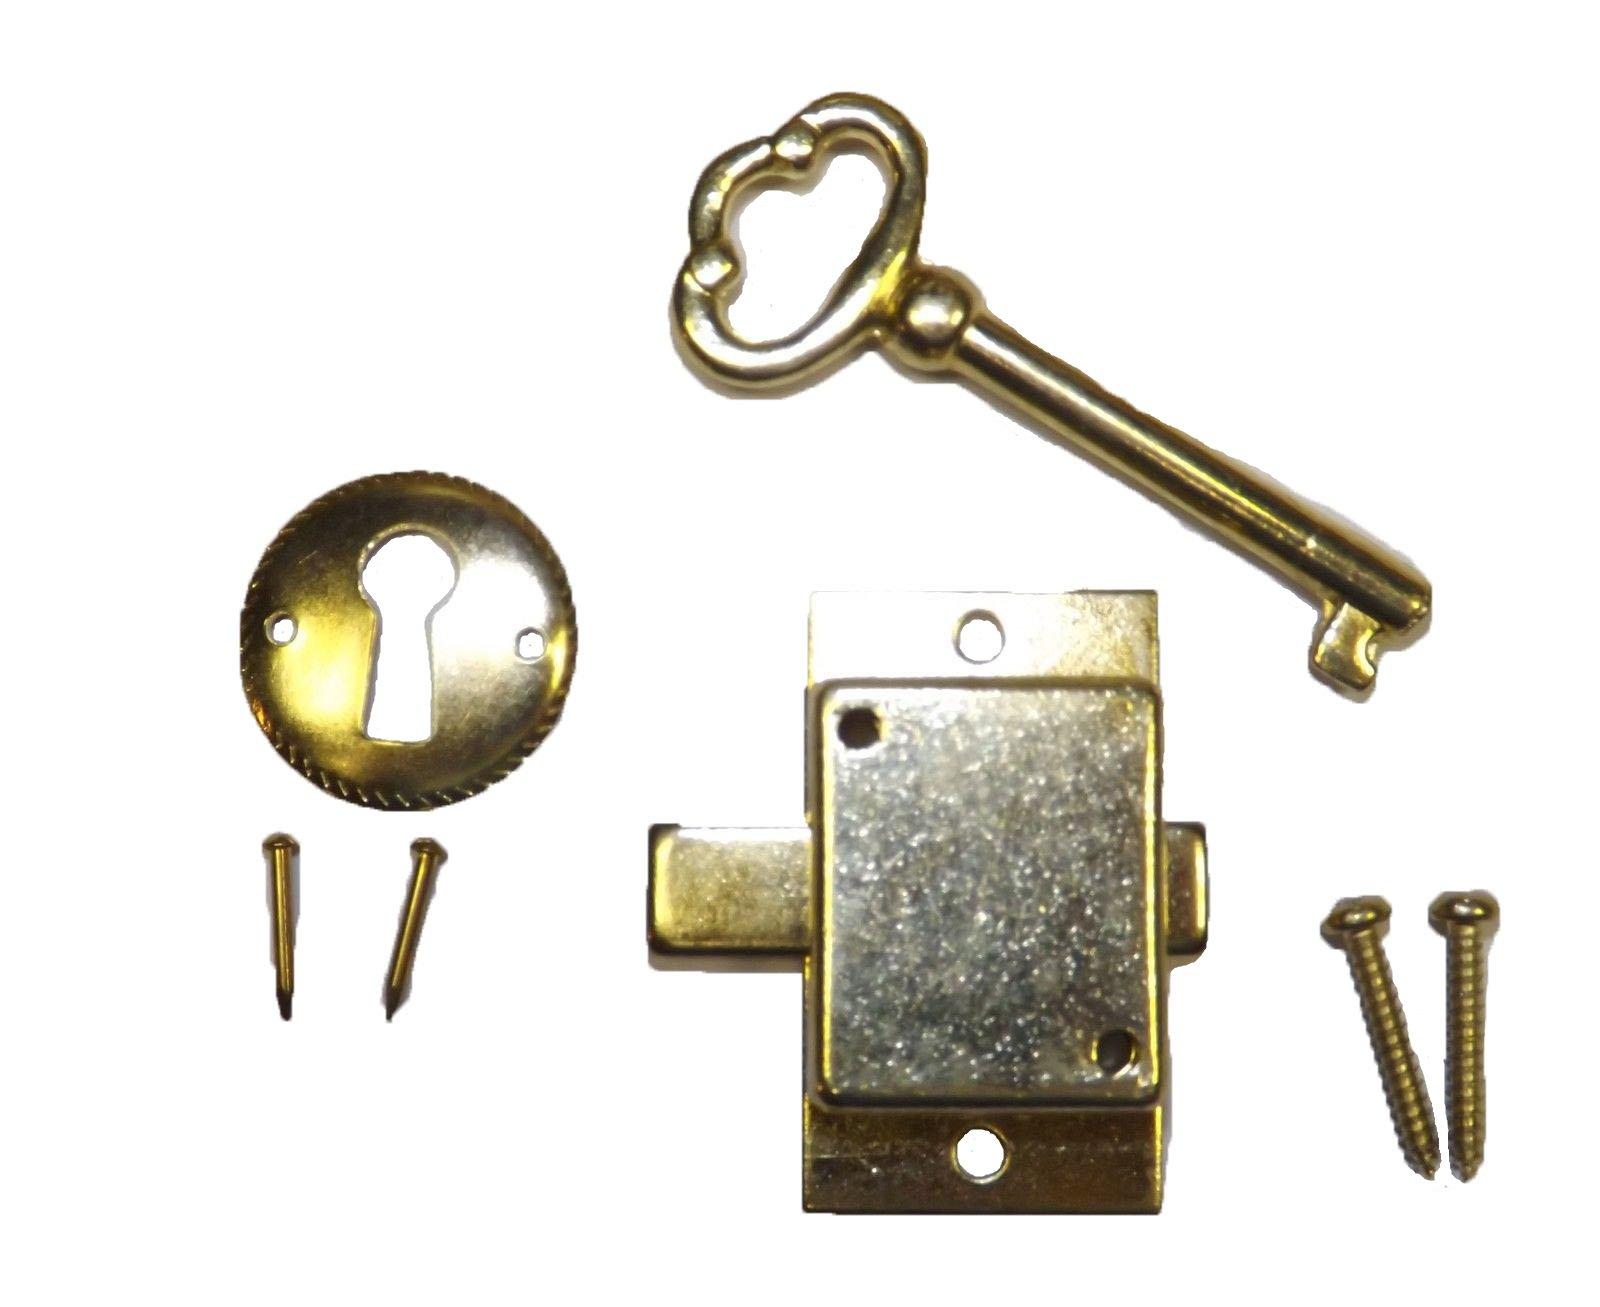 1 3/4'' (L) x 1'' (W) x 3/8'' (D) Antique Grandfather Clock Door Lock and Key Set